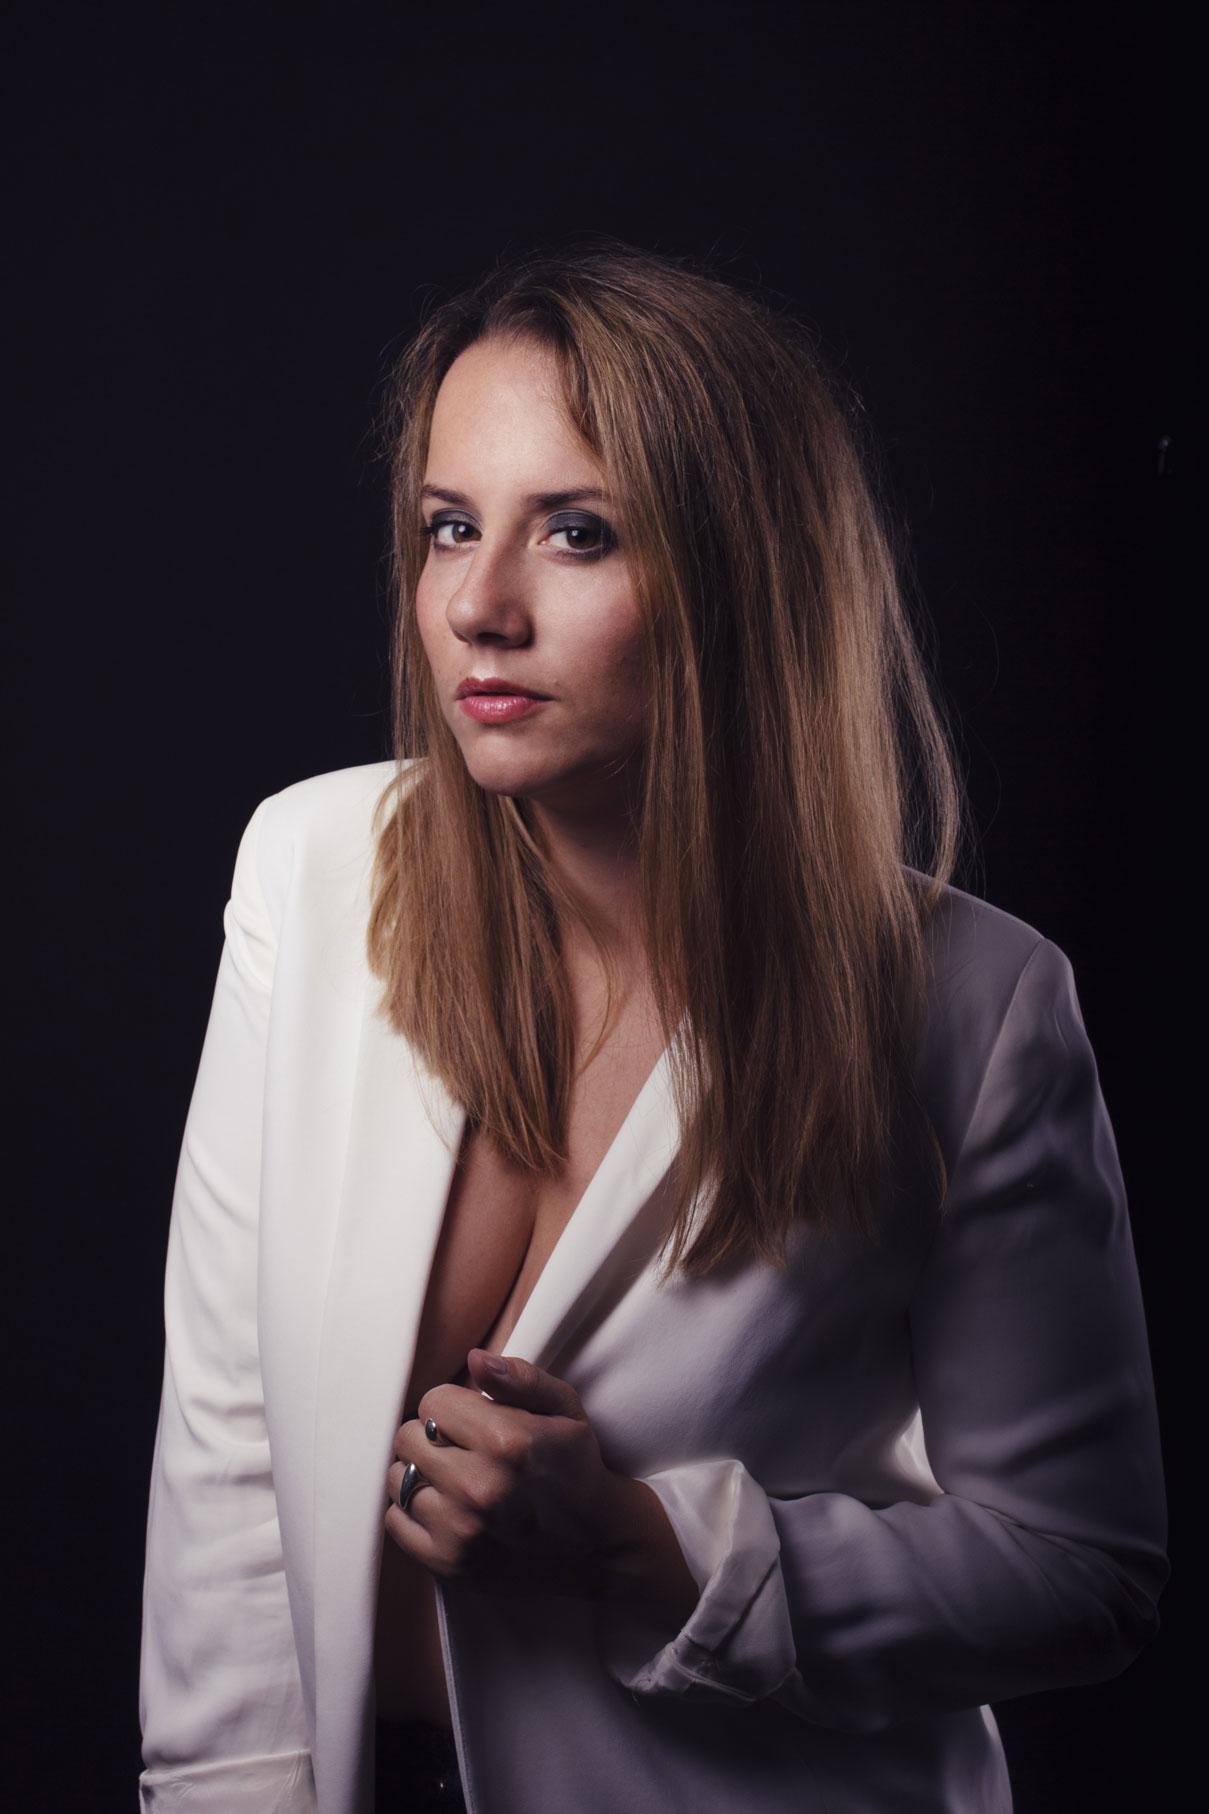 photographe studio tours portrait